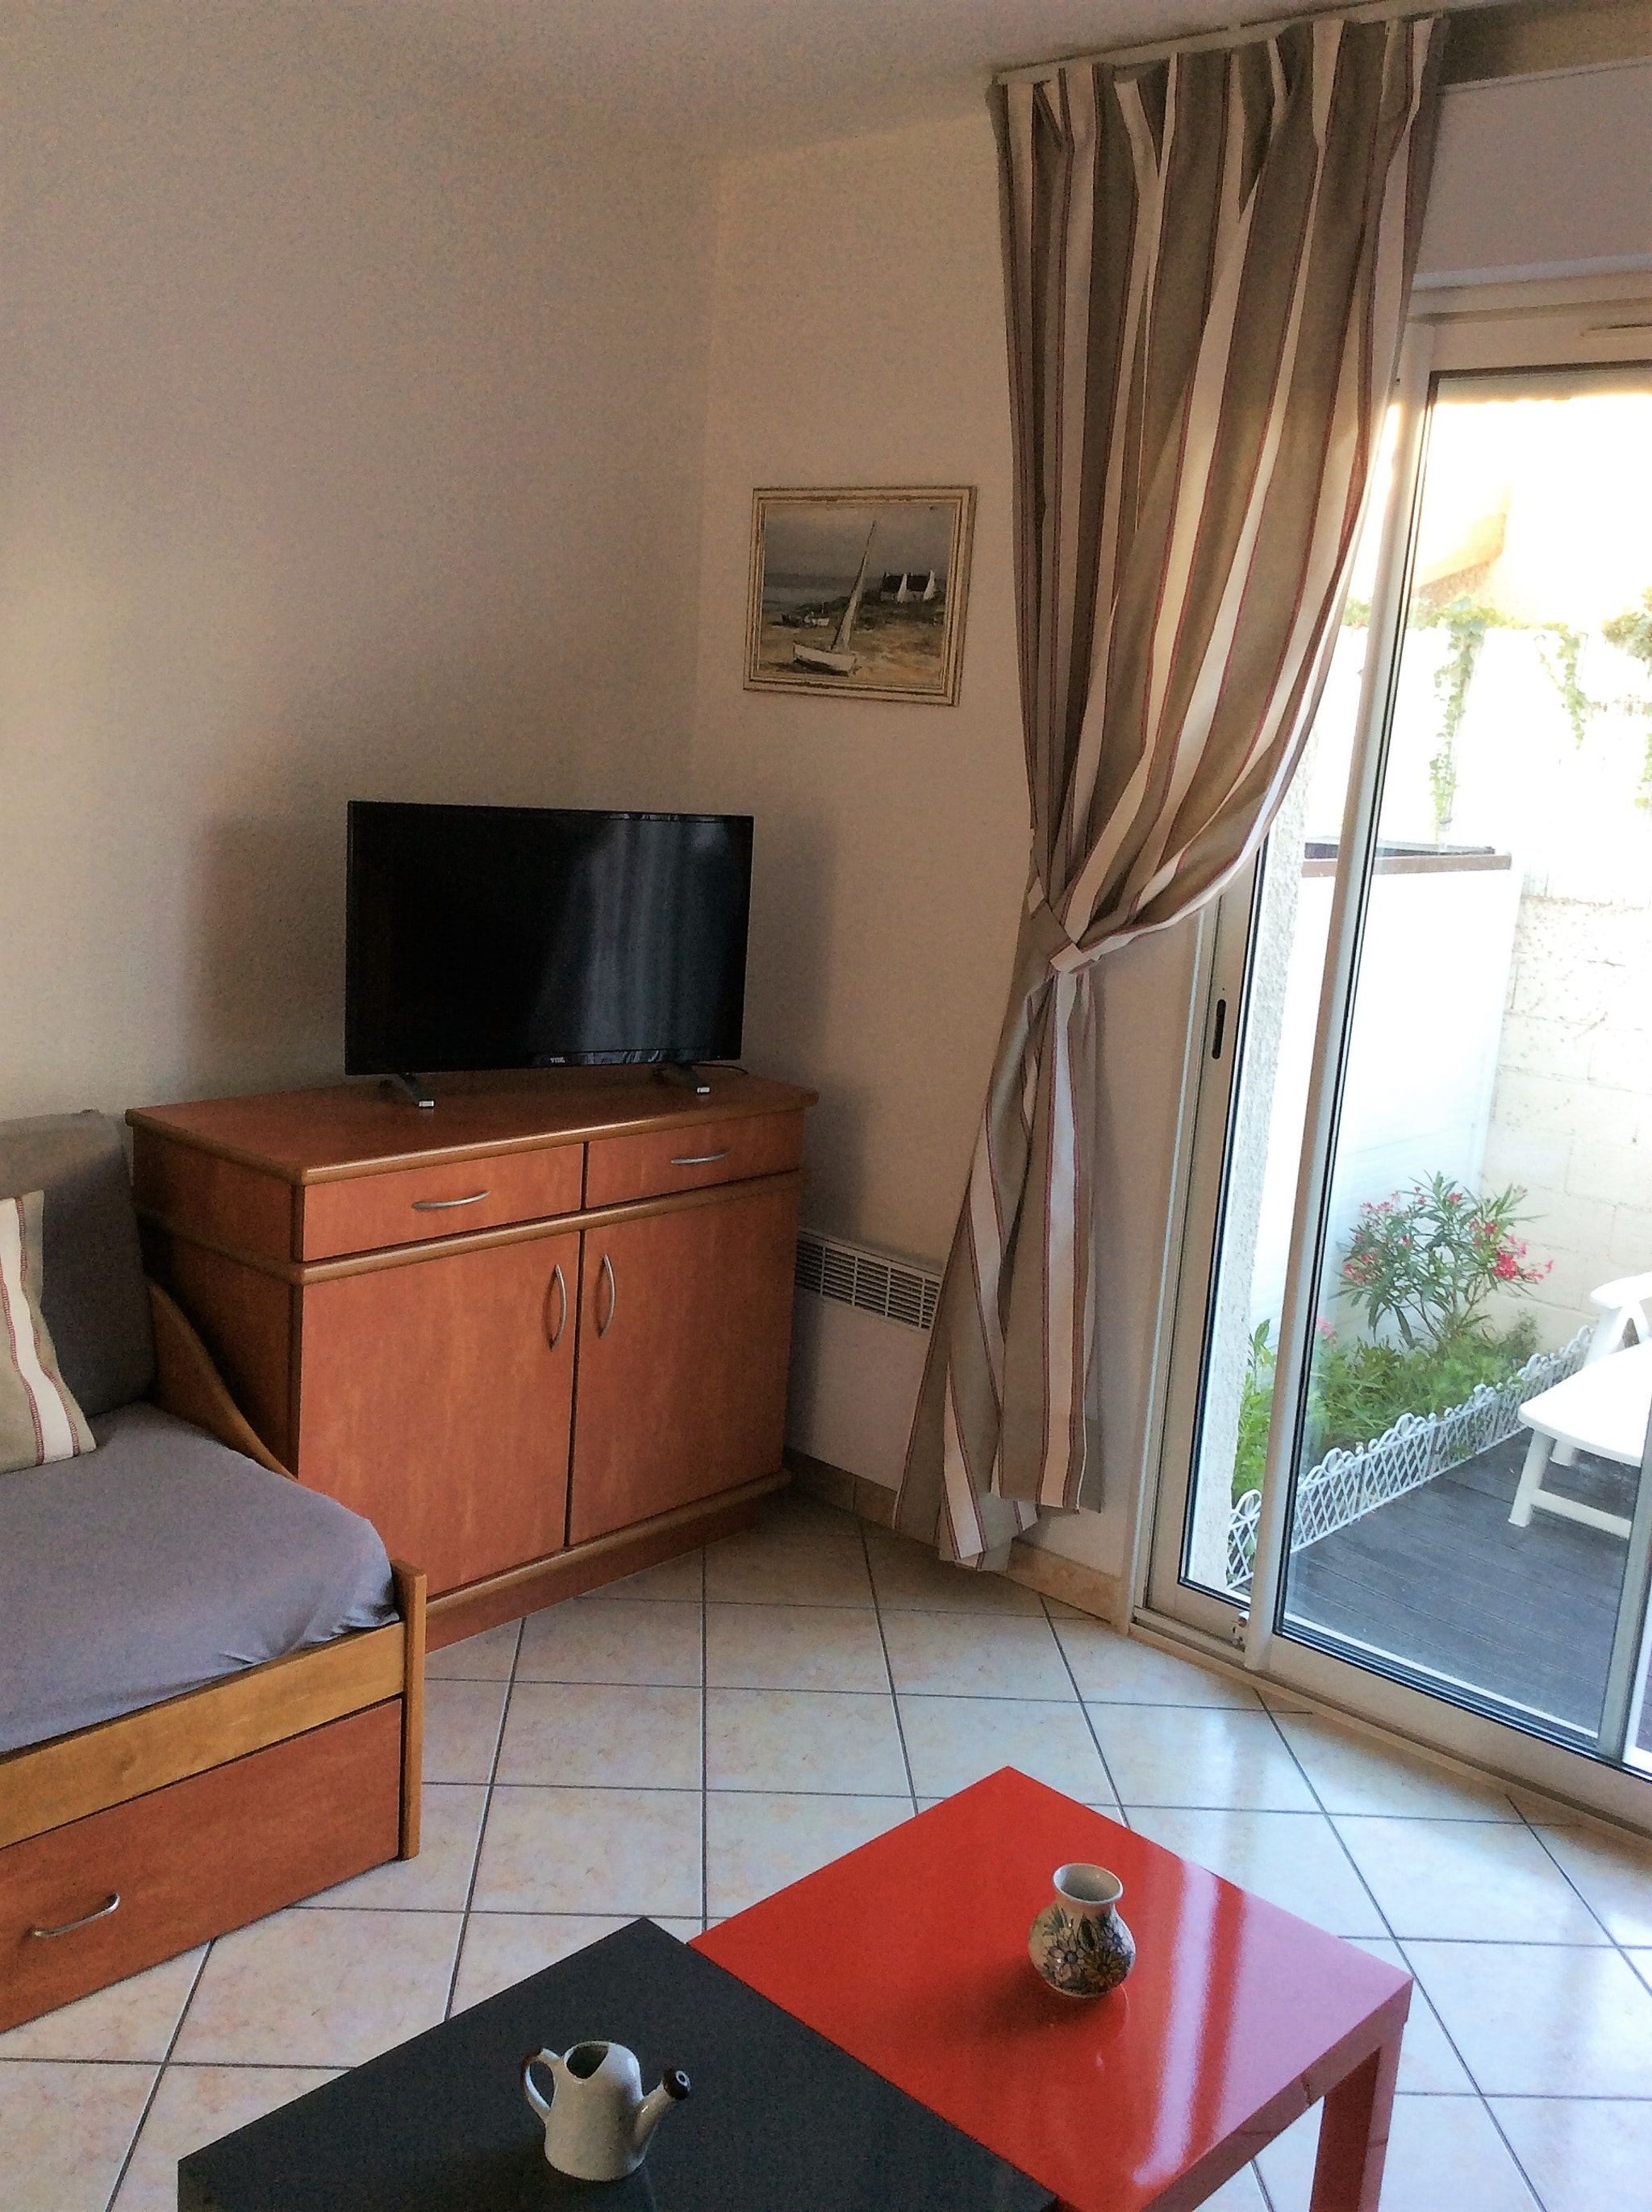 Ferienhaus Villa mit 2 Zimmern in Valras-Plage mit Pool und eingezäuntem Garten - 50 m vom Strand ent (2218190), Valras Plage, Mittelmeerküste Hérault, Languedoc-Roussillon, Frankreich, Bild 9